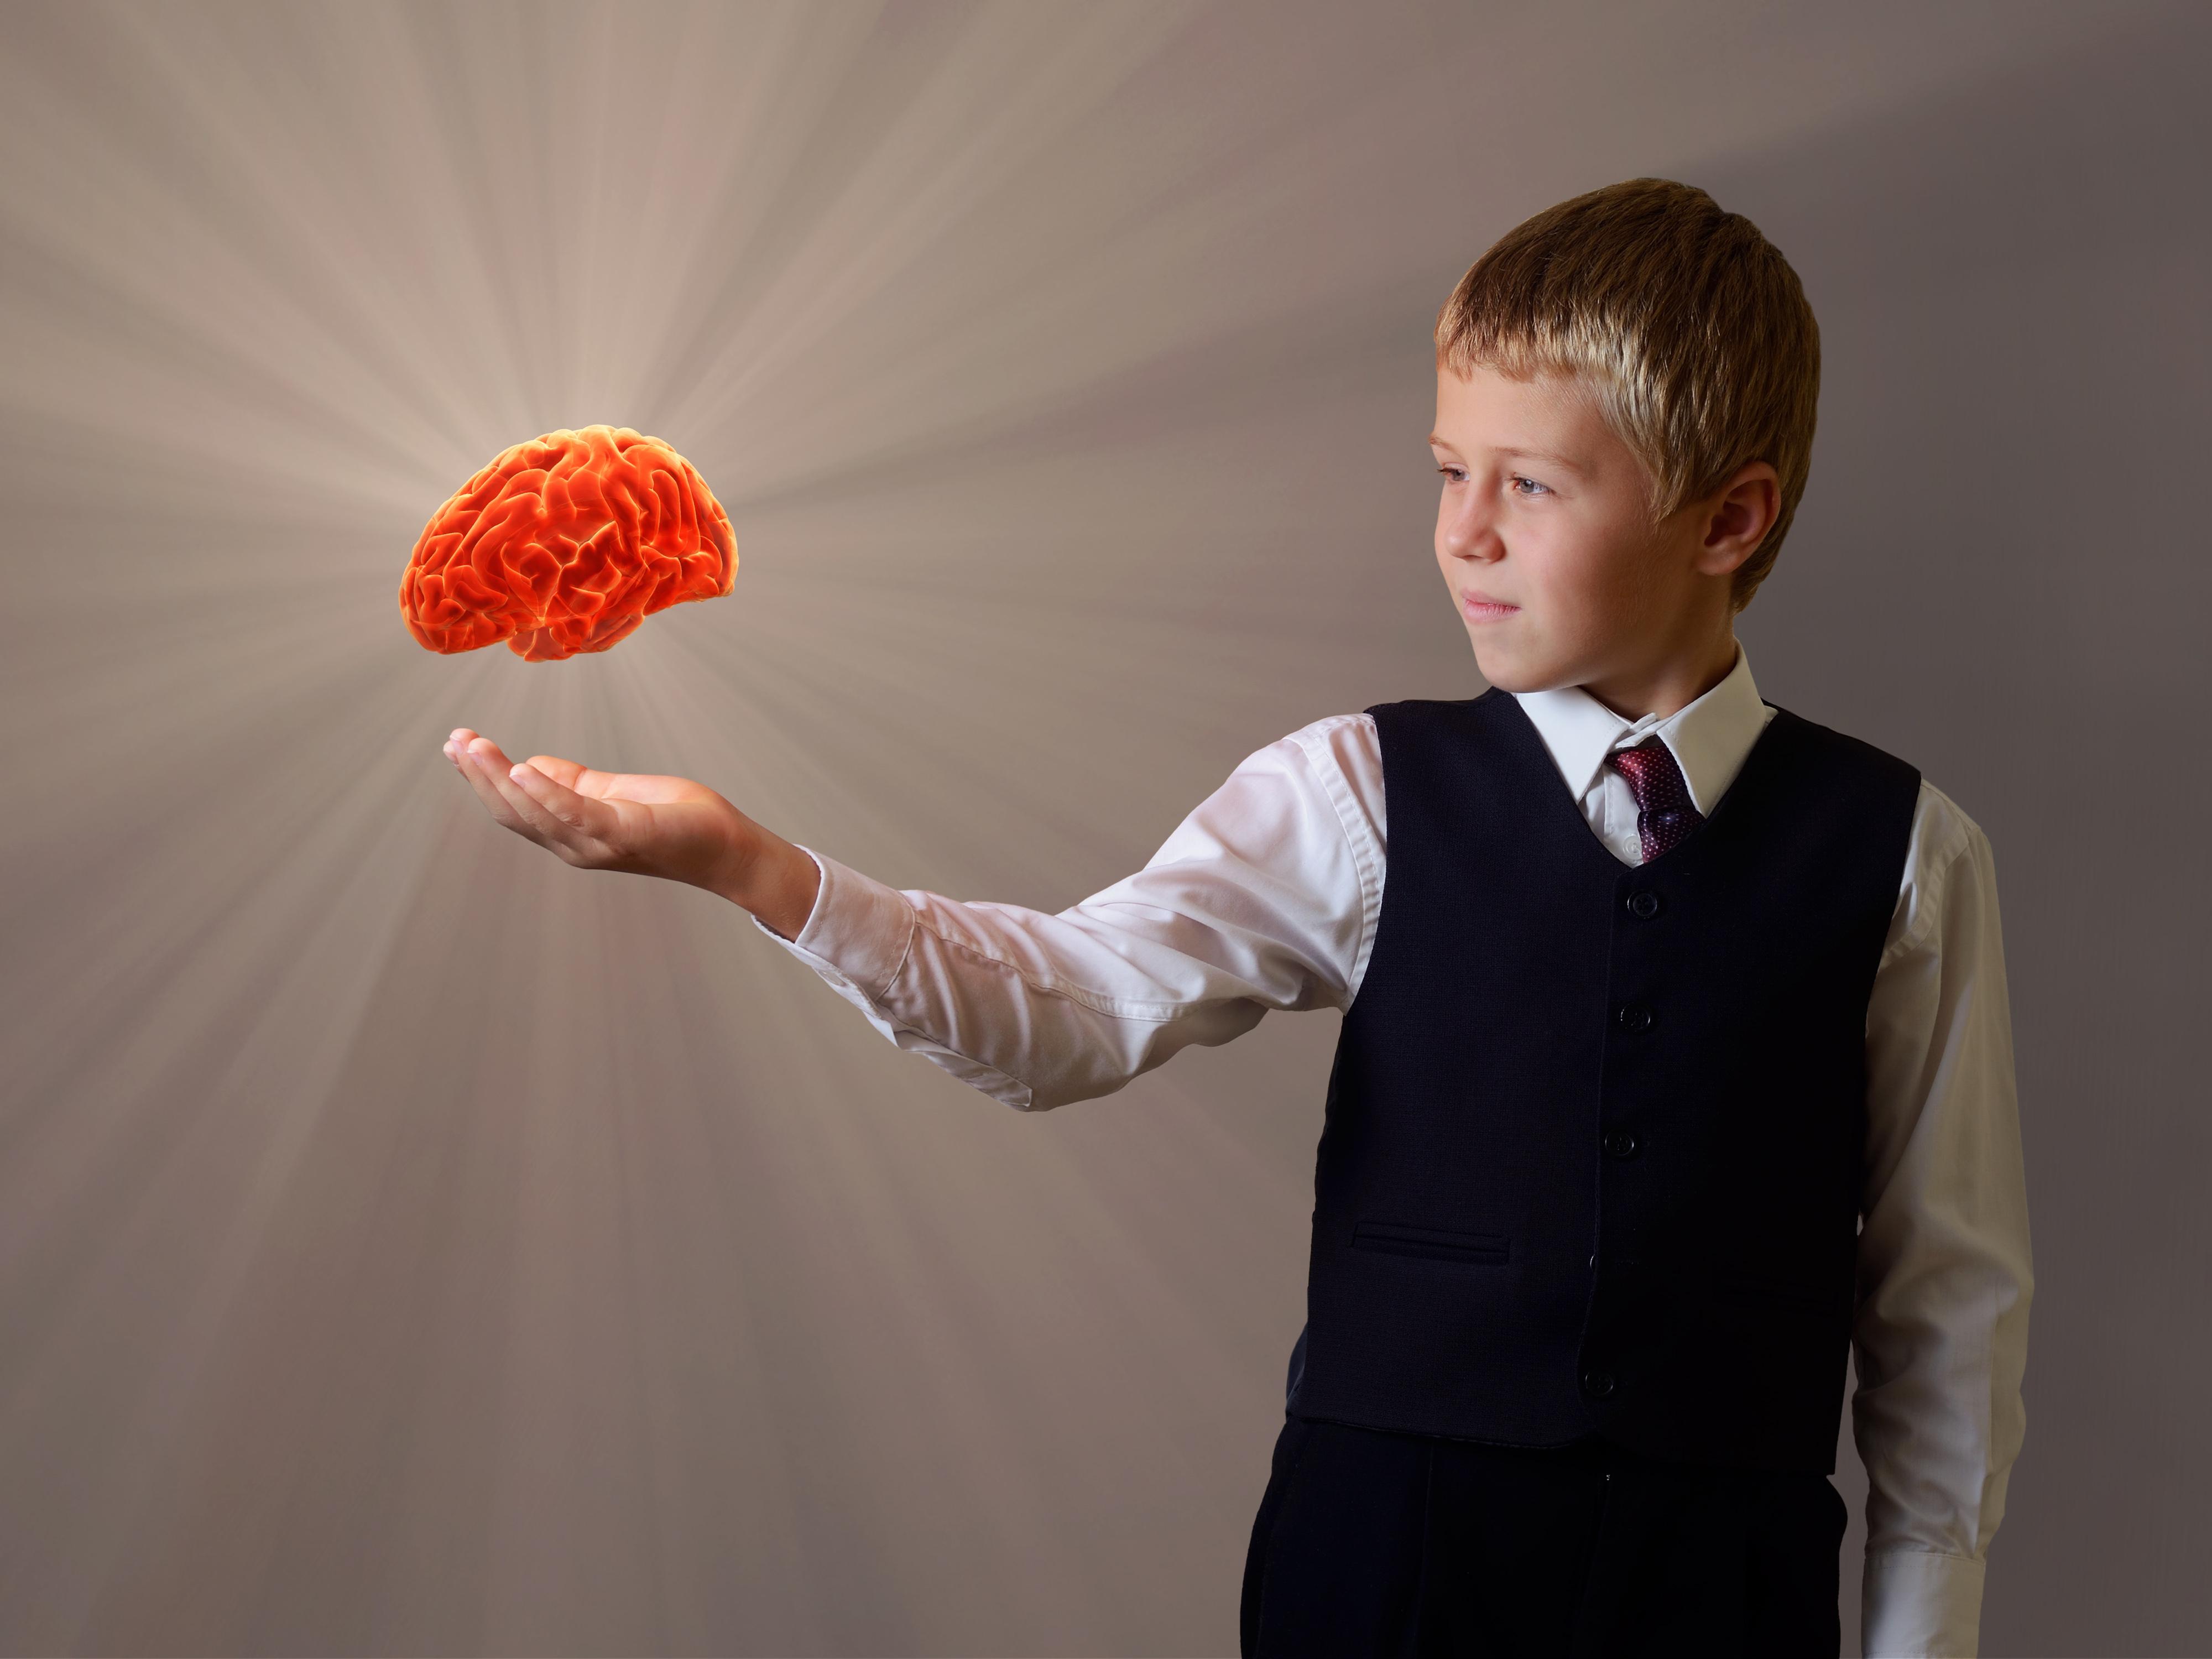 Il cervello sociale nel Disturbo dello Spettro Autistico